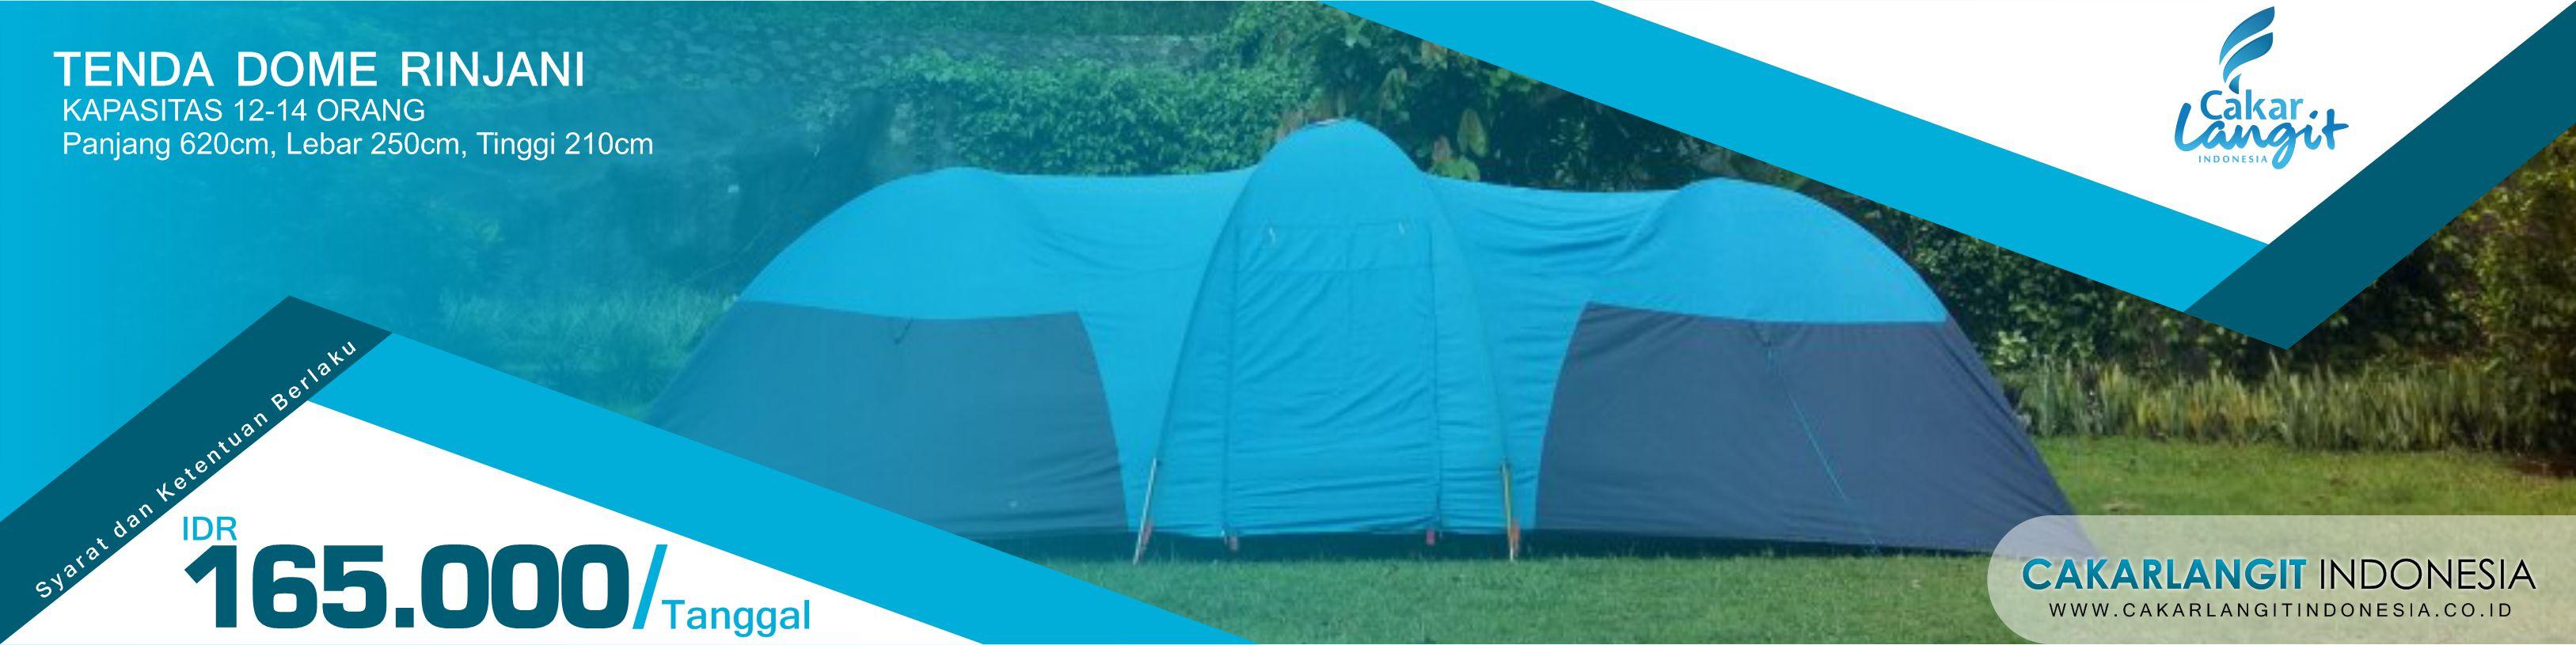 02198943662 Disewa Tenda Pleton Sekitar Kec Padalarang Bandung Barat